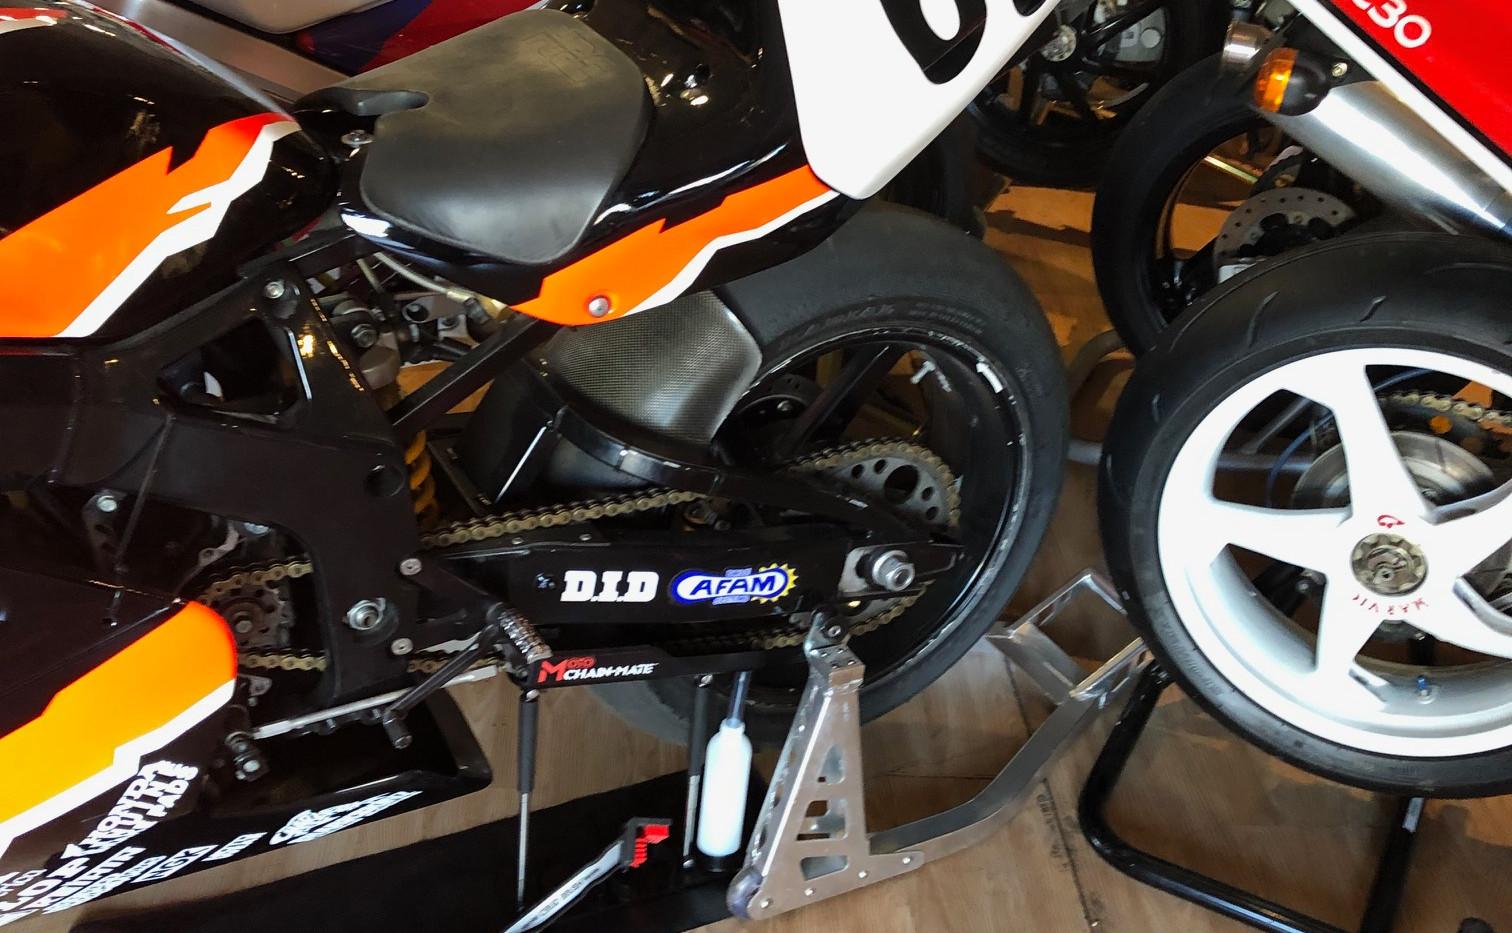 Moto Chain-Mate 74.jpg